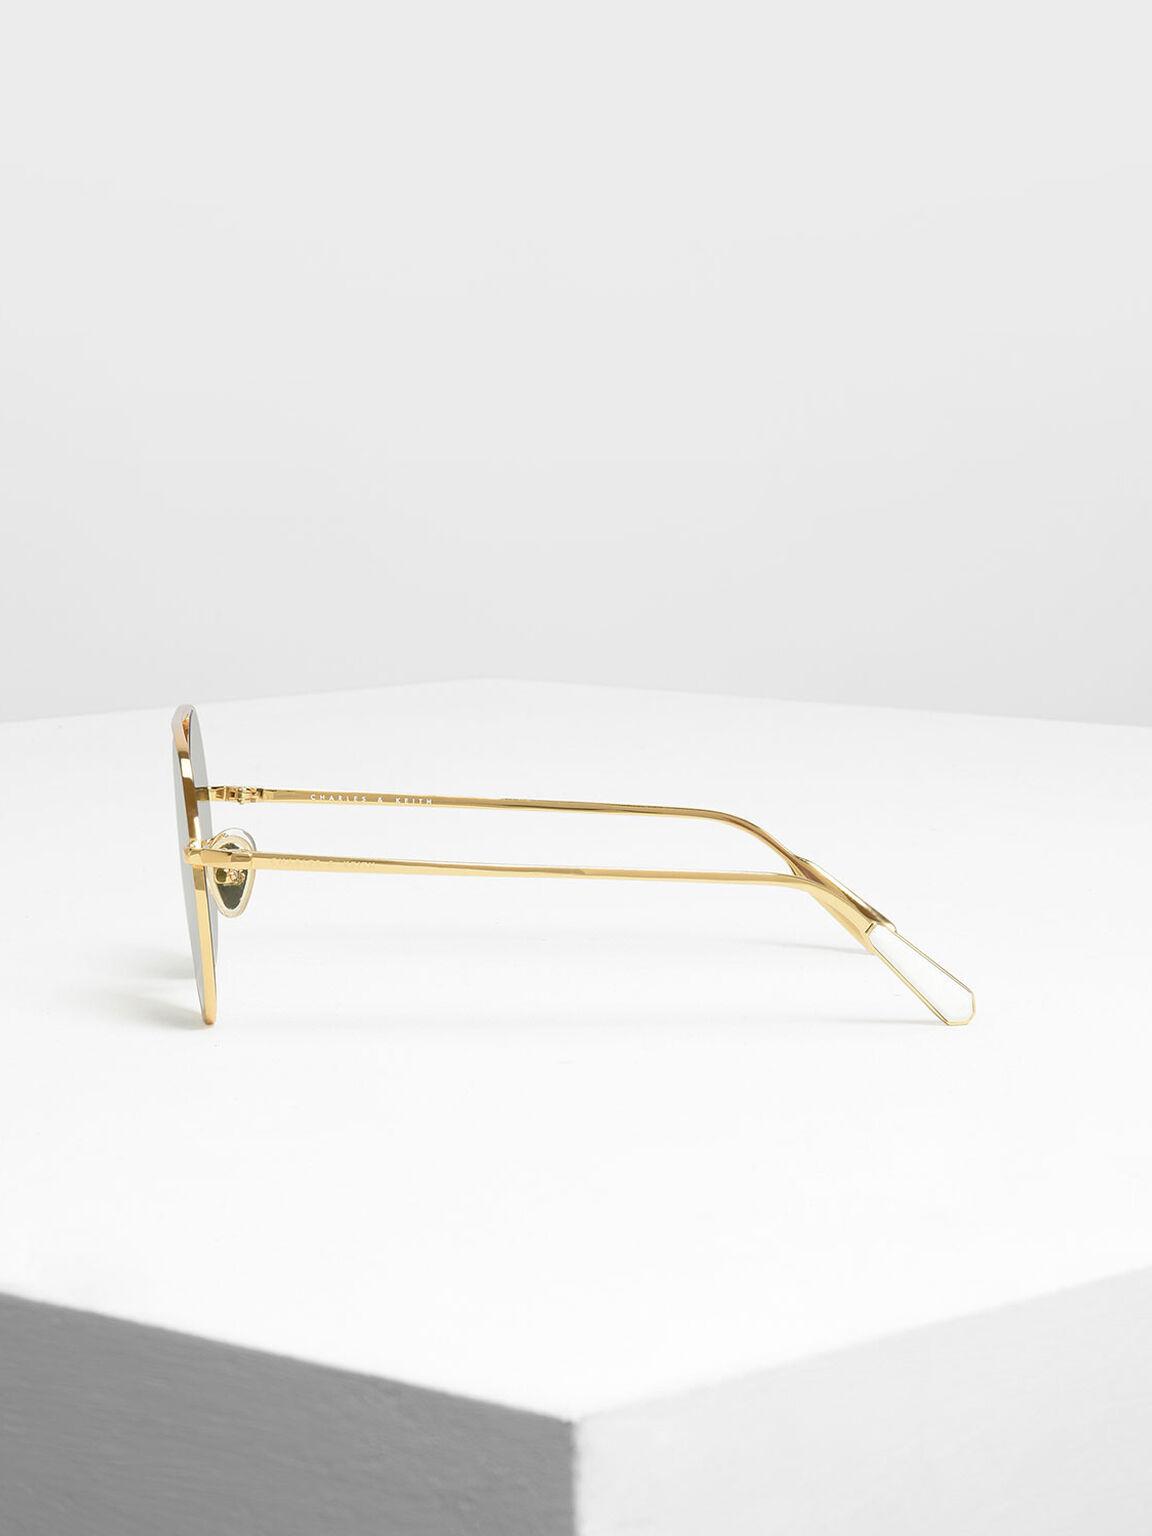 Semi-Precious Stone Round Sunglasses, Gold, hi-res